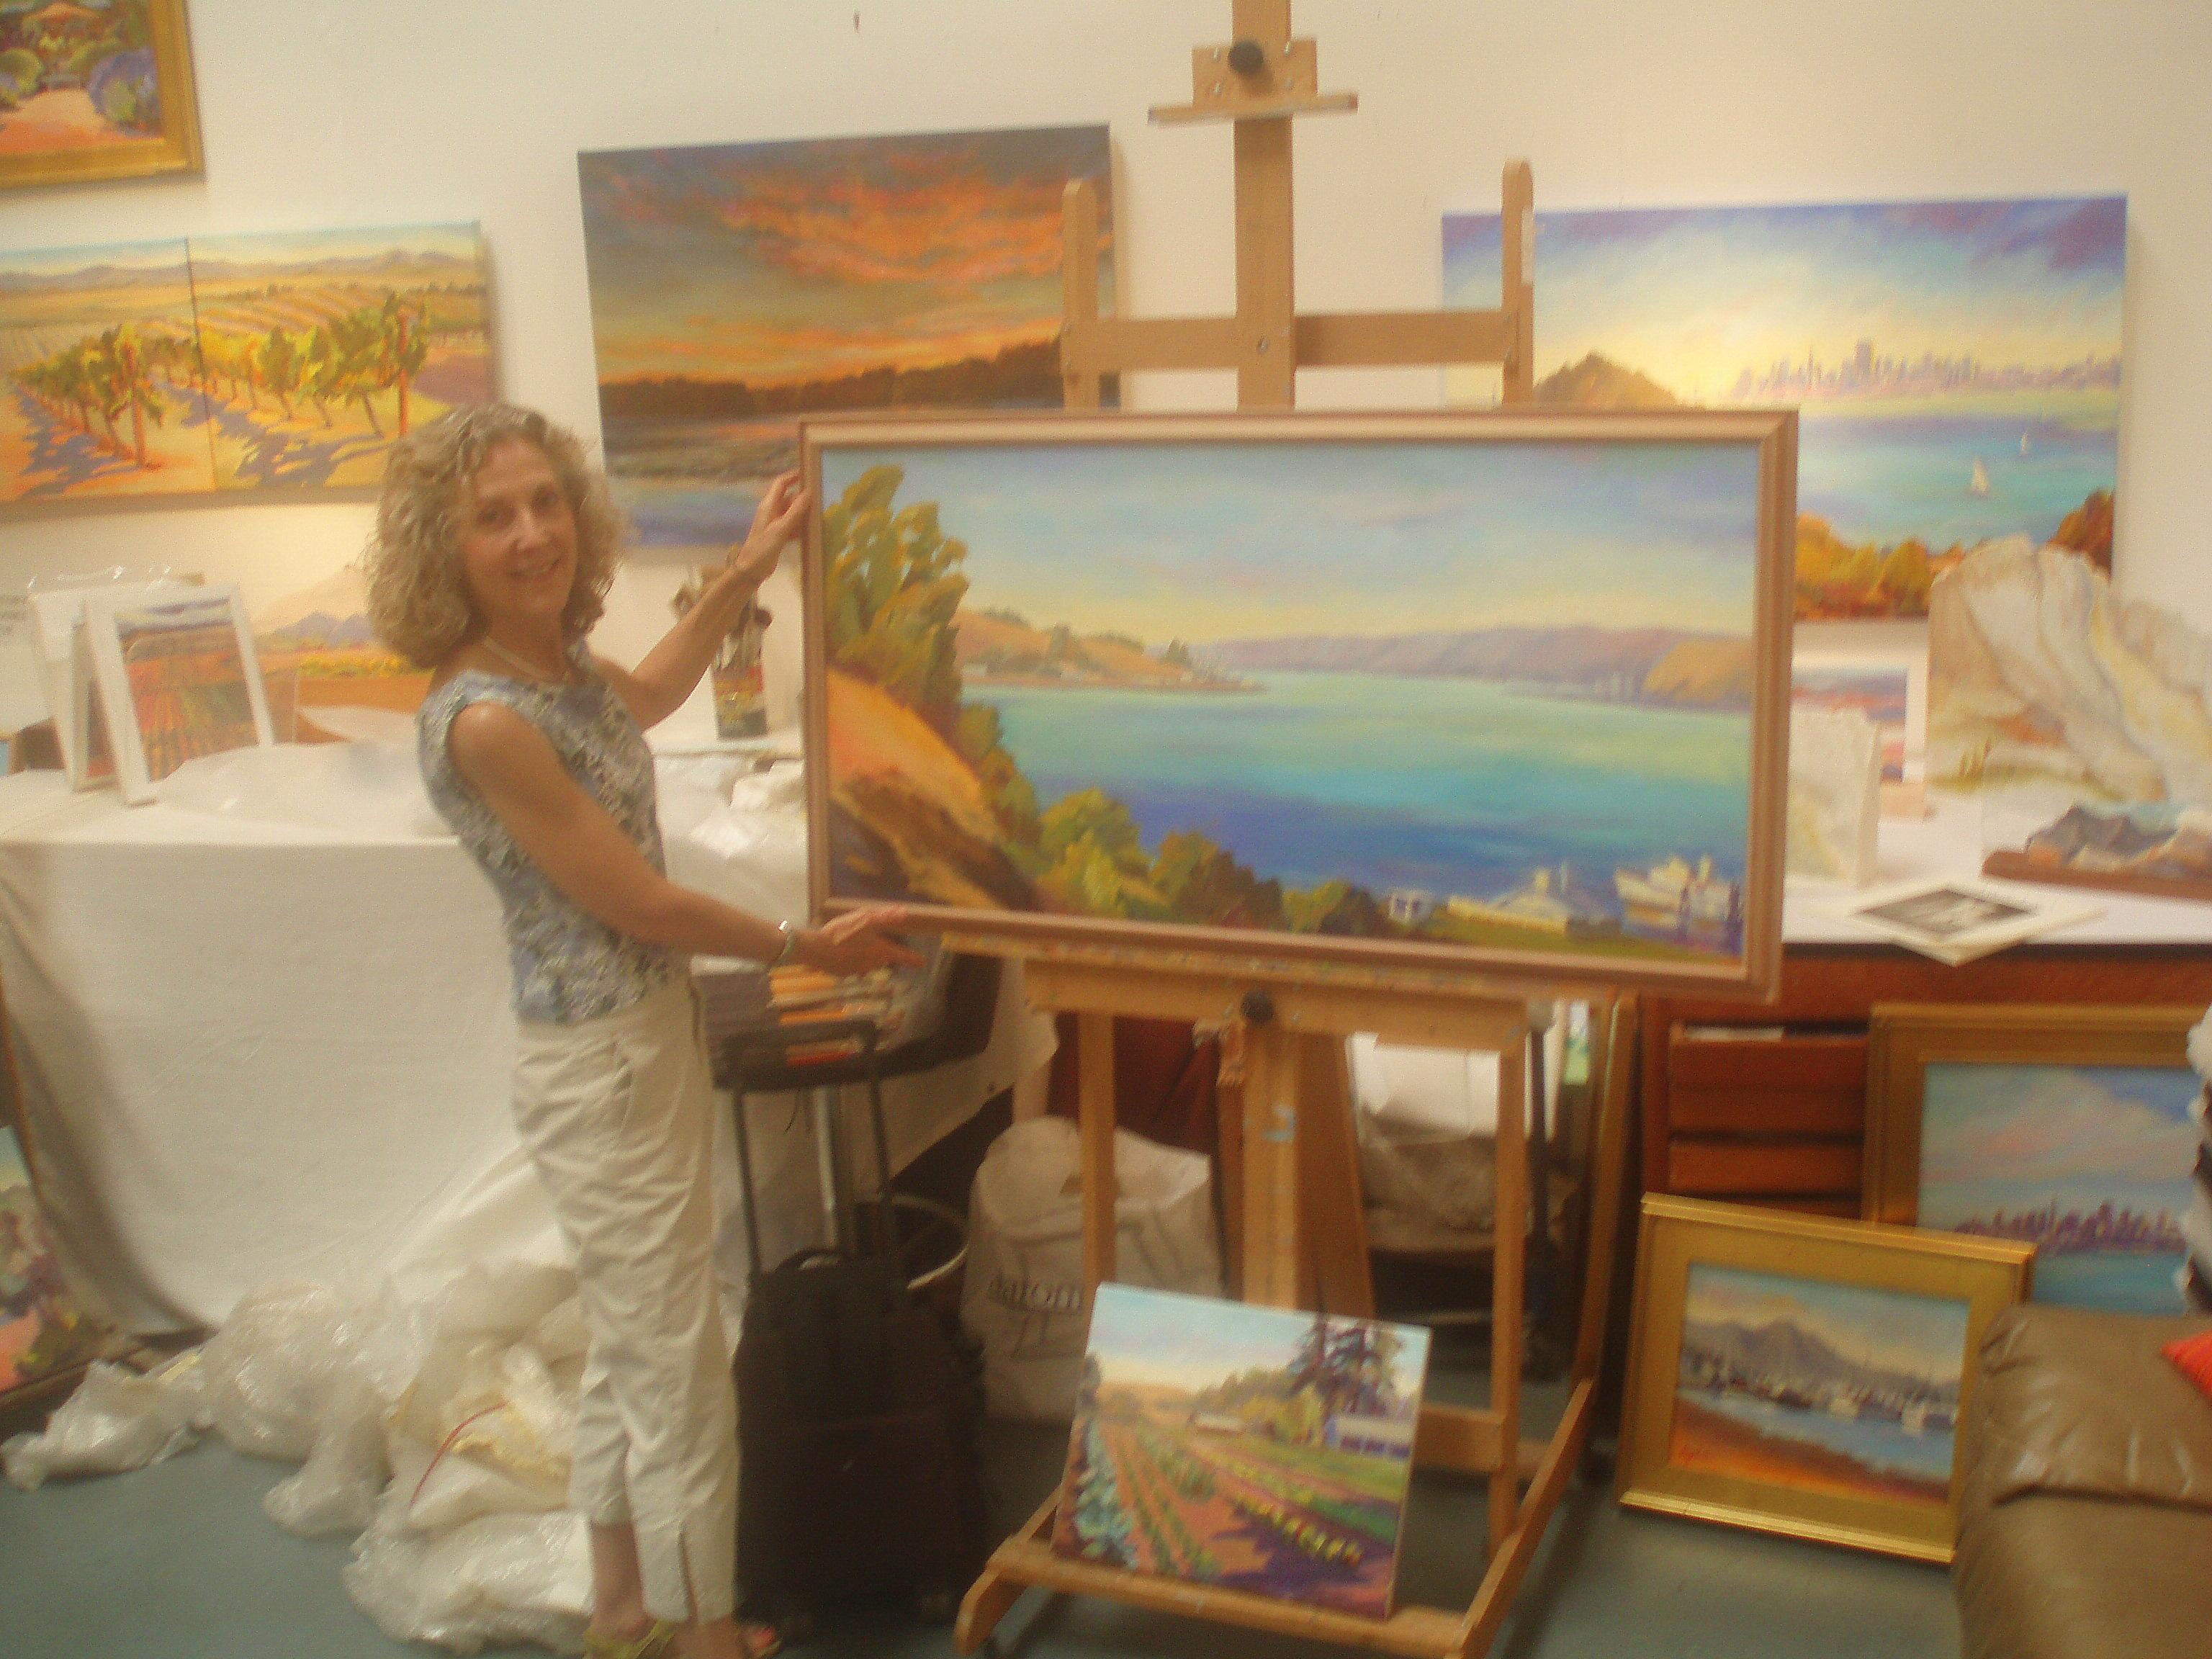 Artist showing off large landscape at her easel